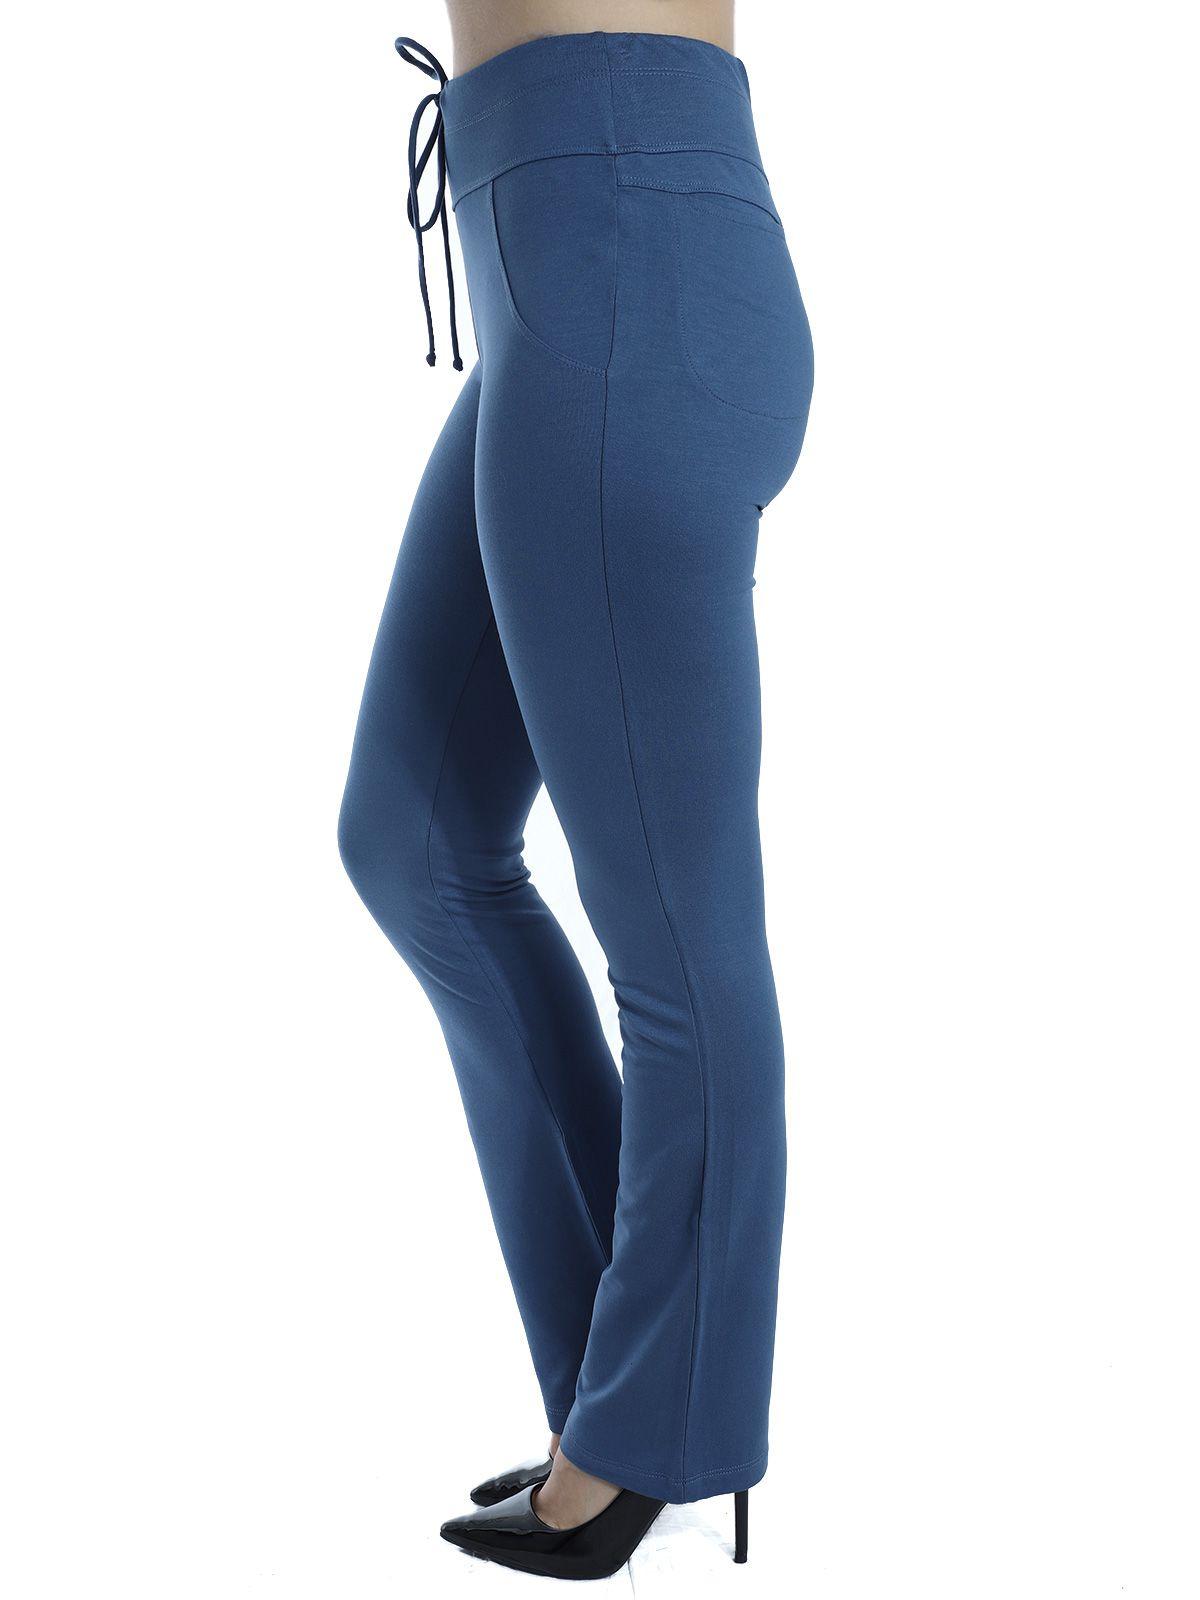 Calça de Moletinho Feminina Azul